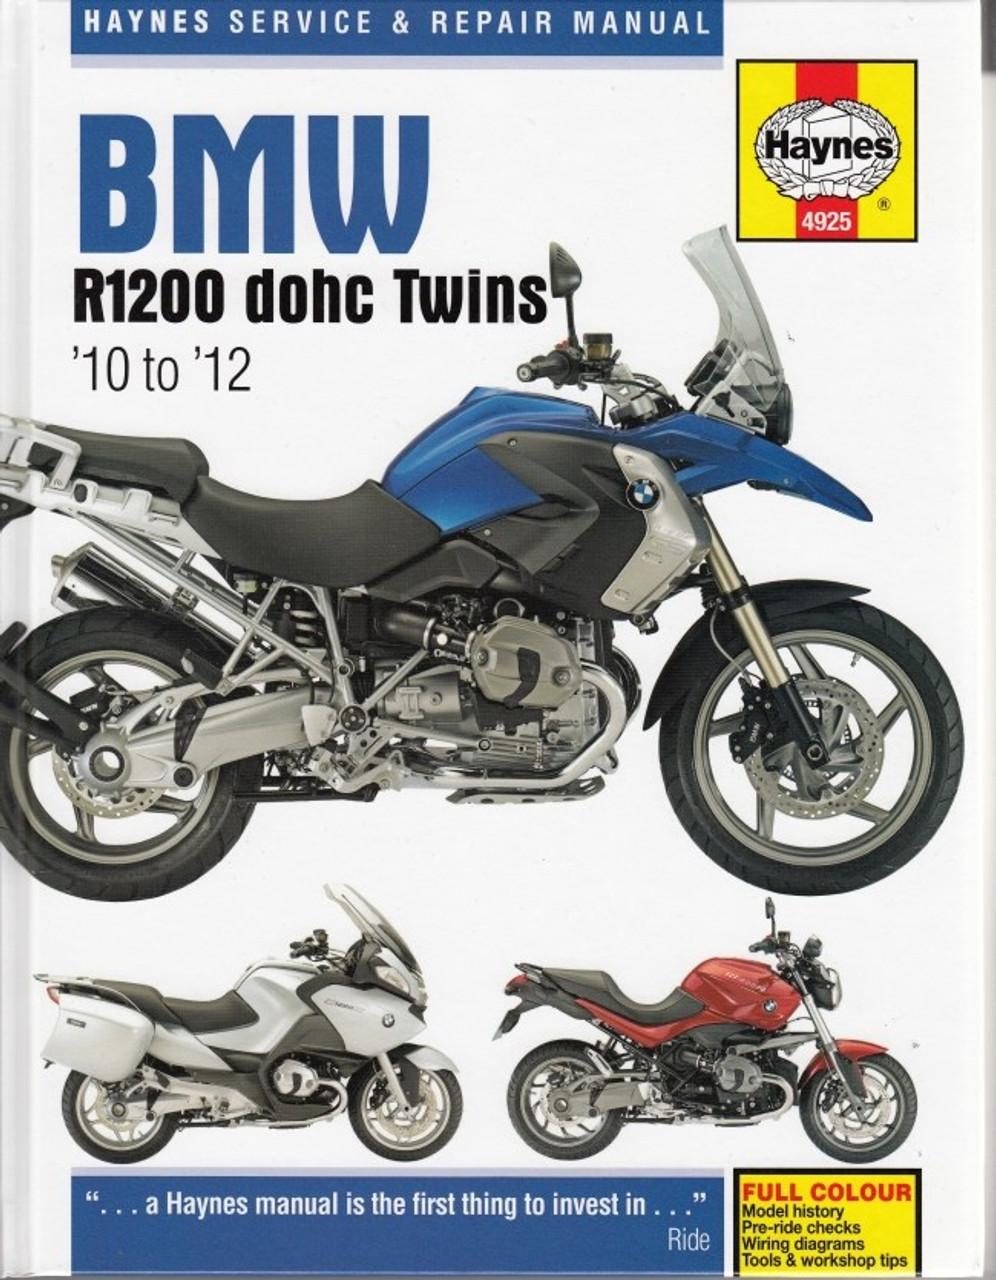 bmw r1200 dohc twins 2010 2012 workshop manual rh automotobookshop com au bmw r1200rt workshop manual free download bmw r1200rt workshop manual free download